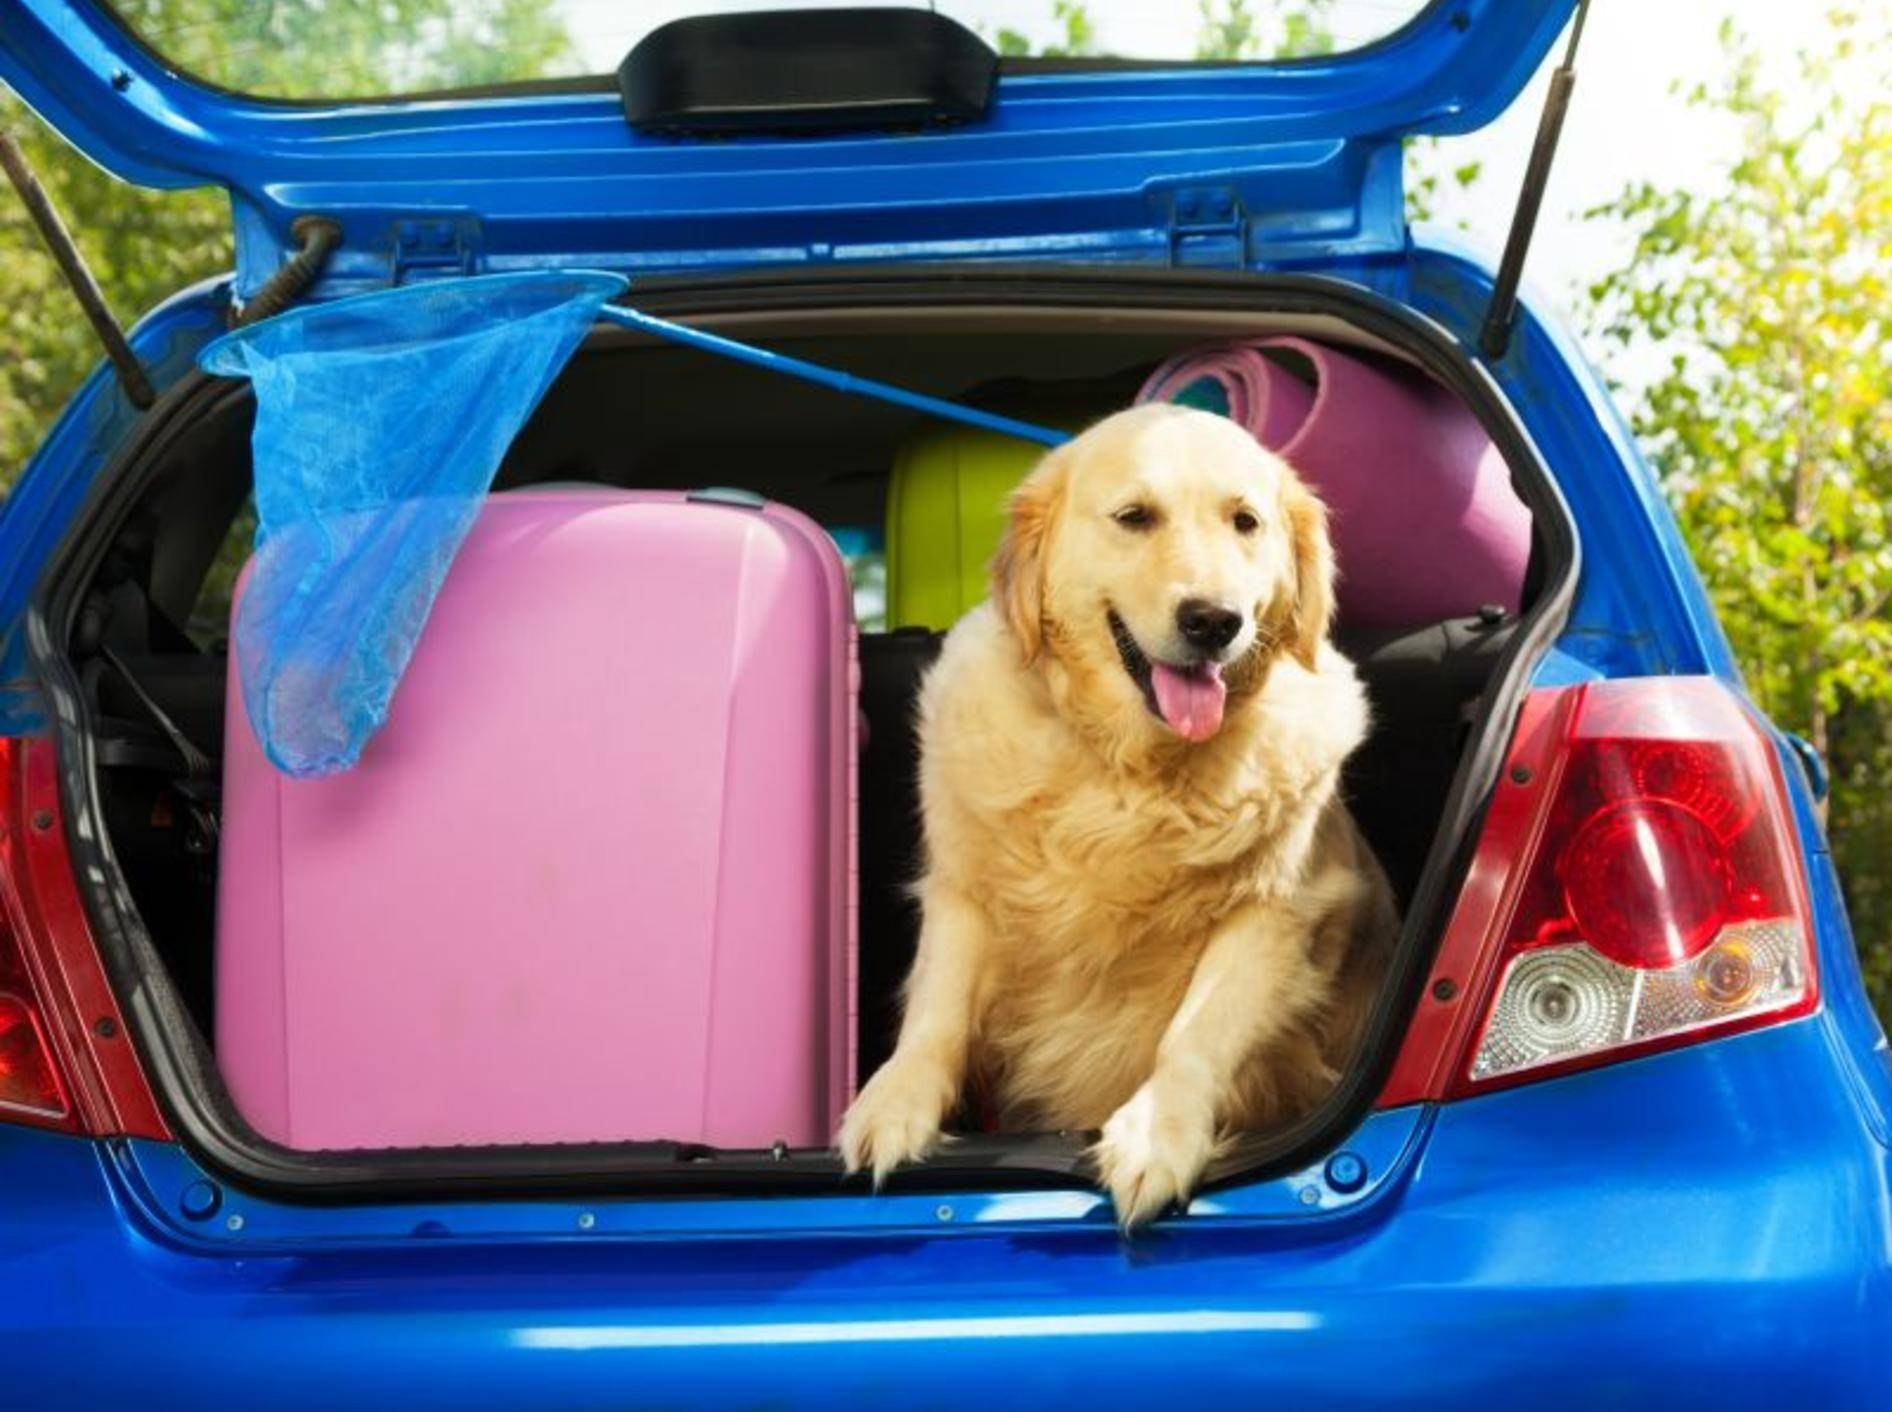 Urlaub mit Hund: Ist alles eingepackt? Dann kann es ja losgehen! – Bild: Shutterstock / Sergey Novikov